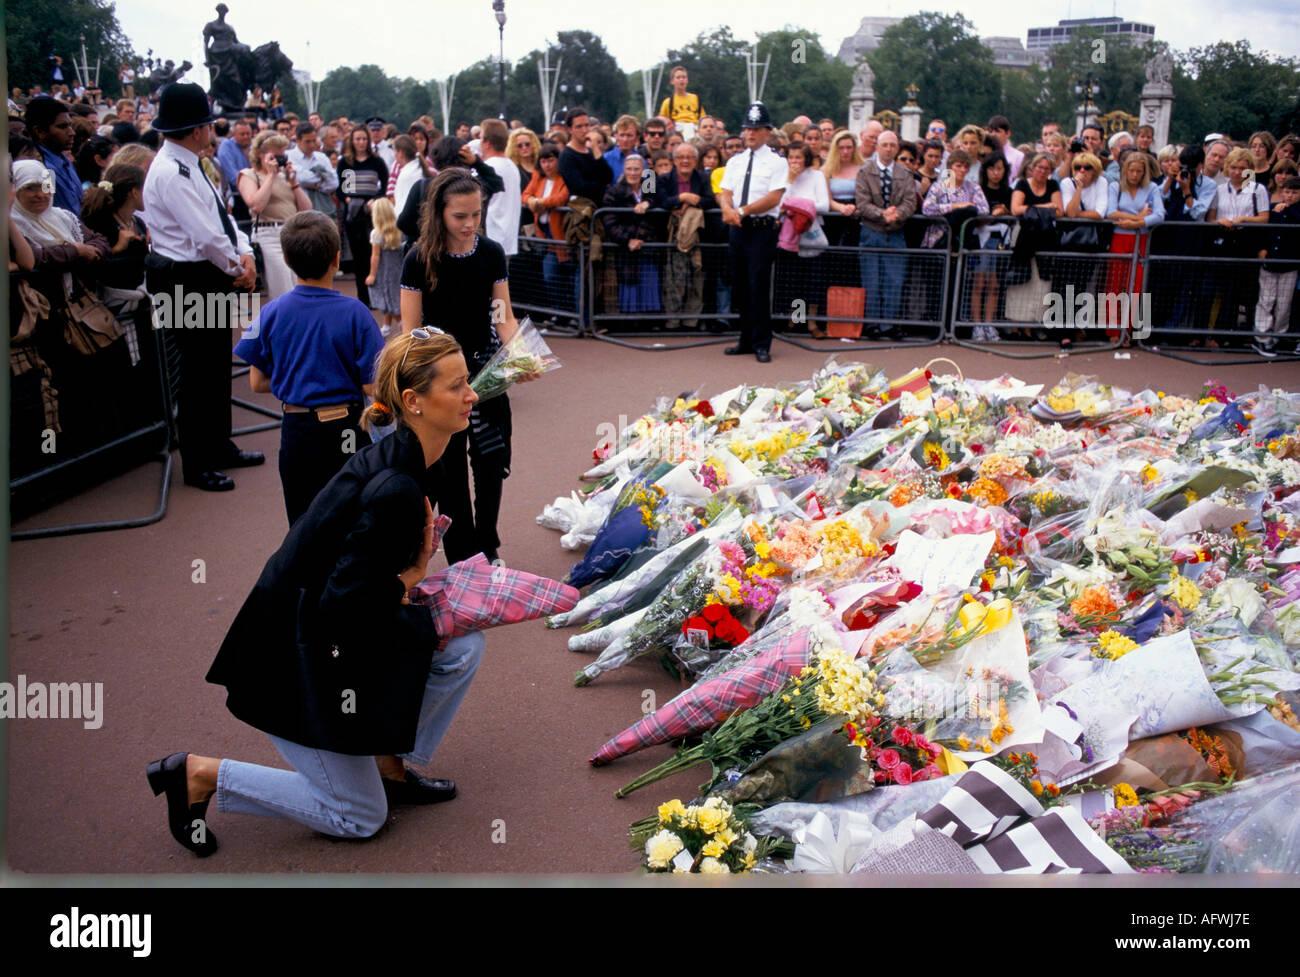 La mujer se arrodilla, mientras poniendo las flores para la Princesa Diana de Gales en el Palacio de Buckingham Imagen De Stock